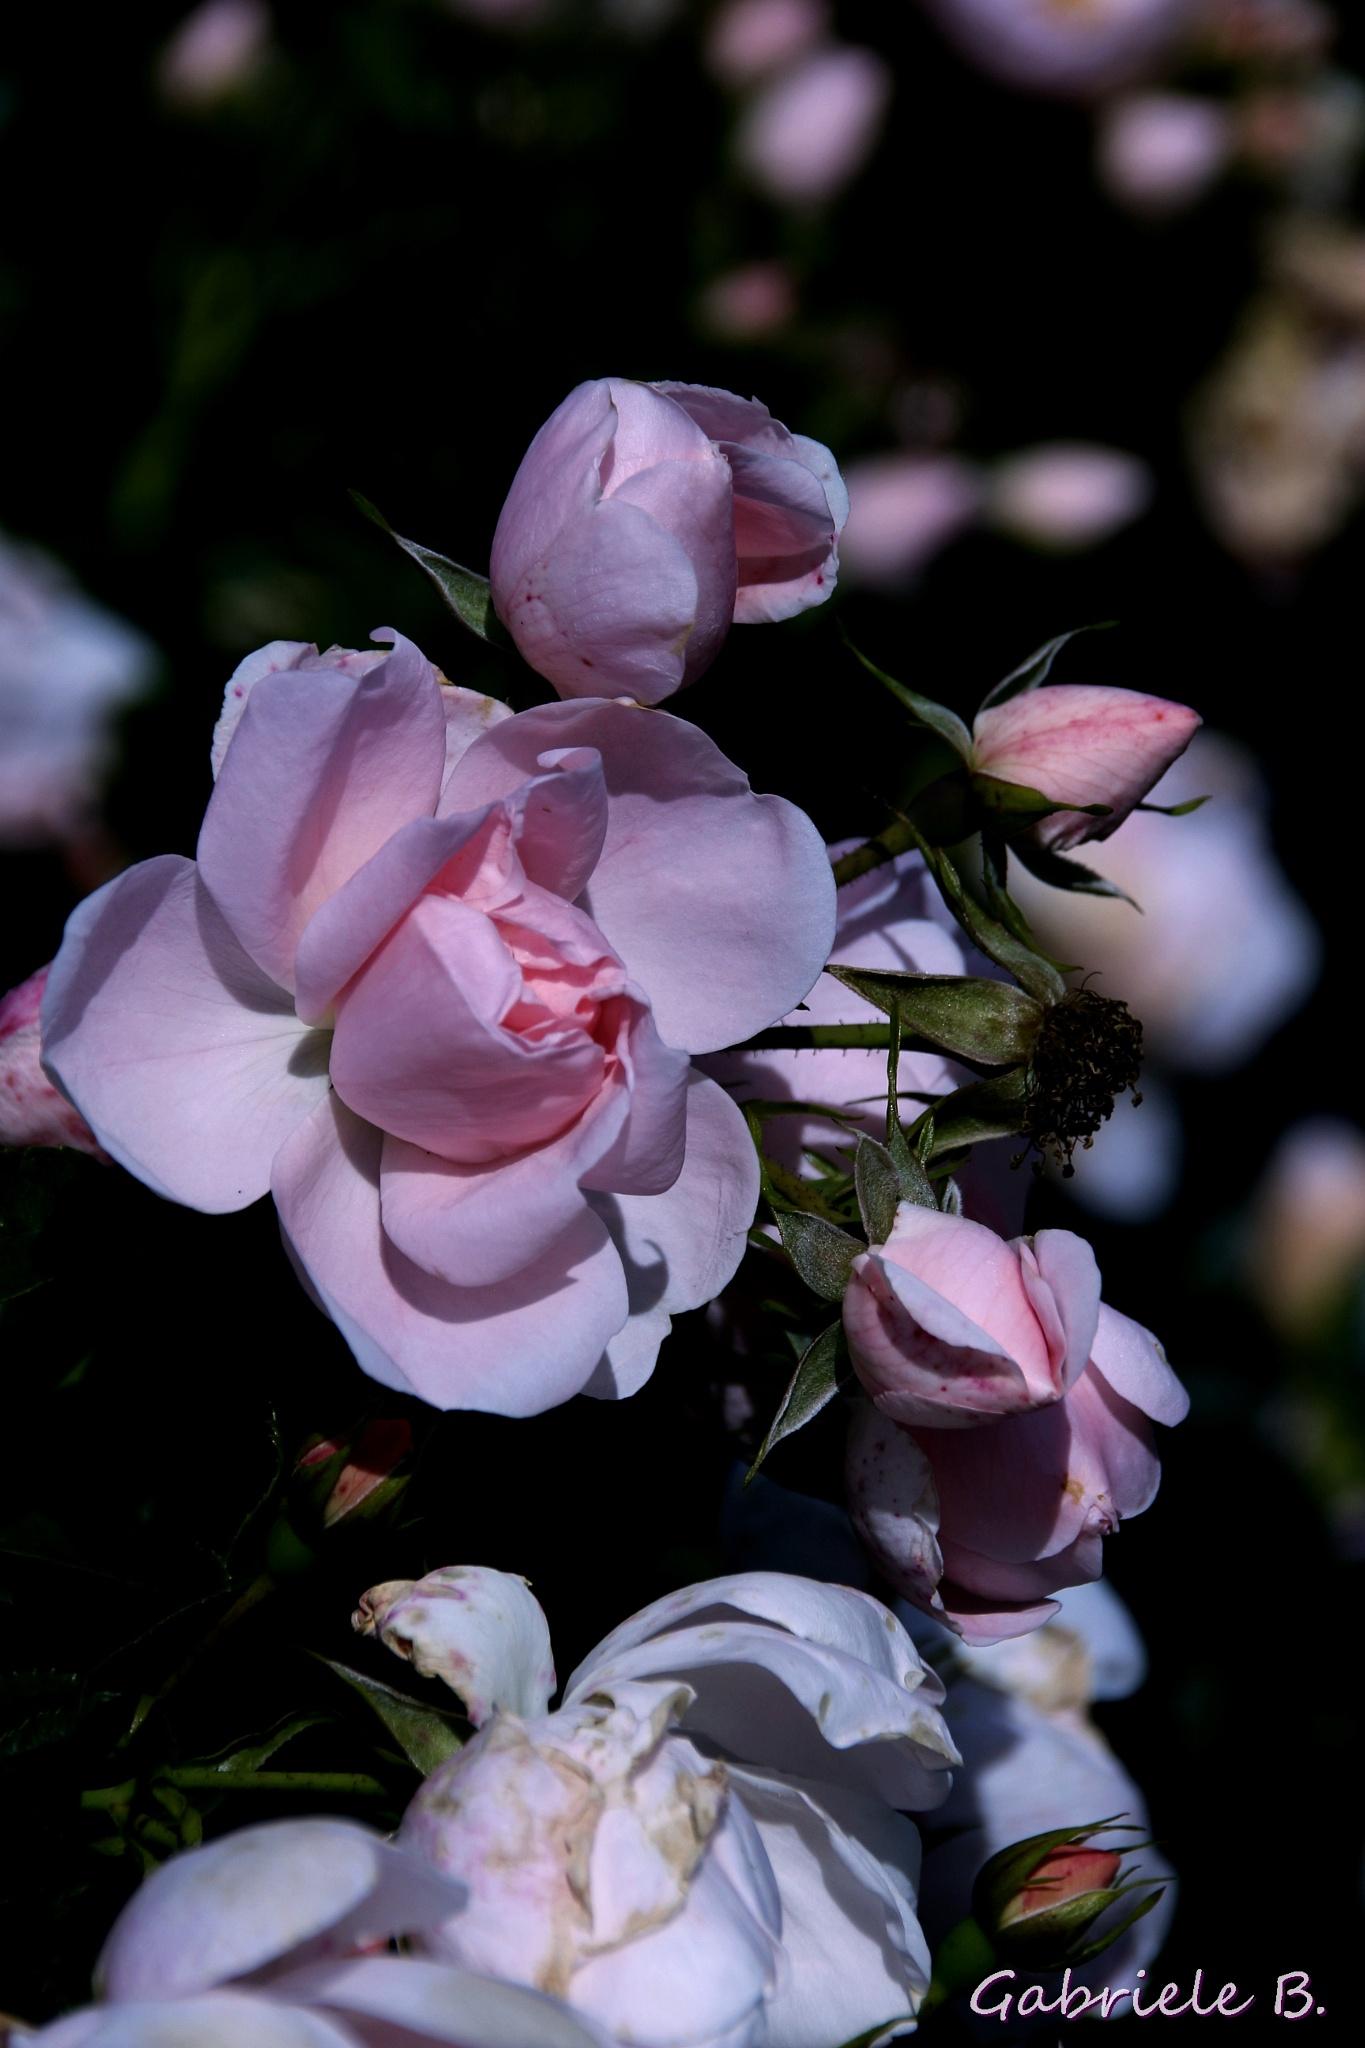 Last roses by gabrielehelenebittner